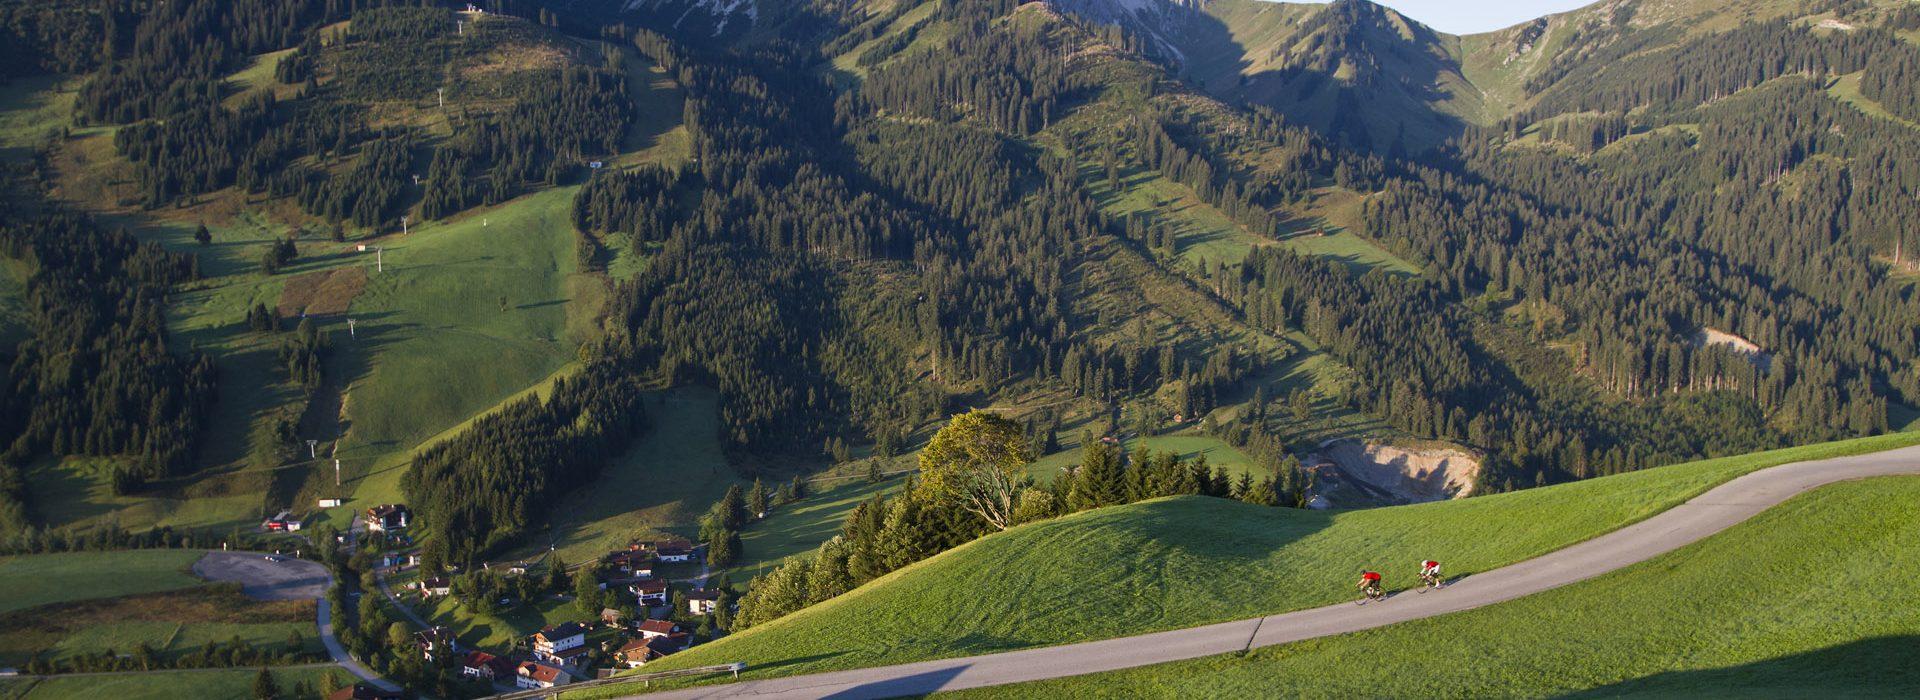 Mit dem Rennrad im schönsten Hochtal Europas - infos-aus-den-regionen, allgemein